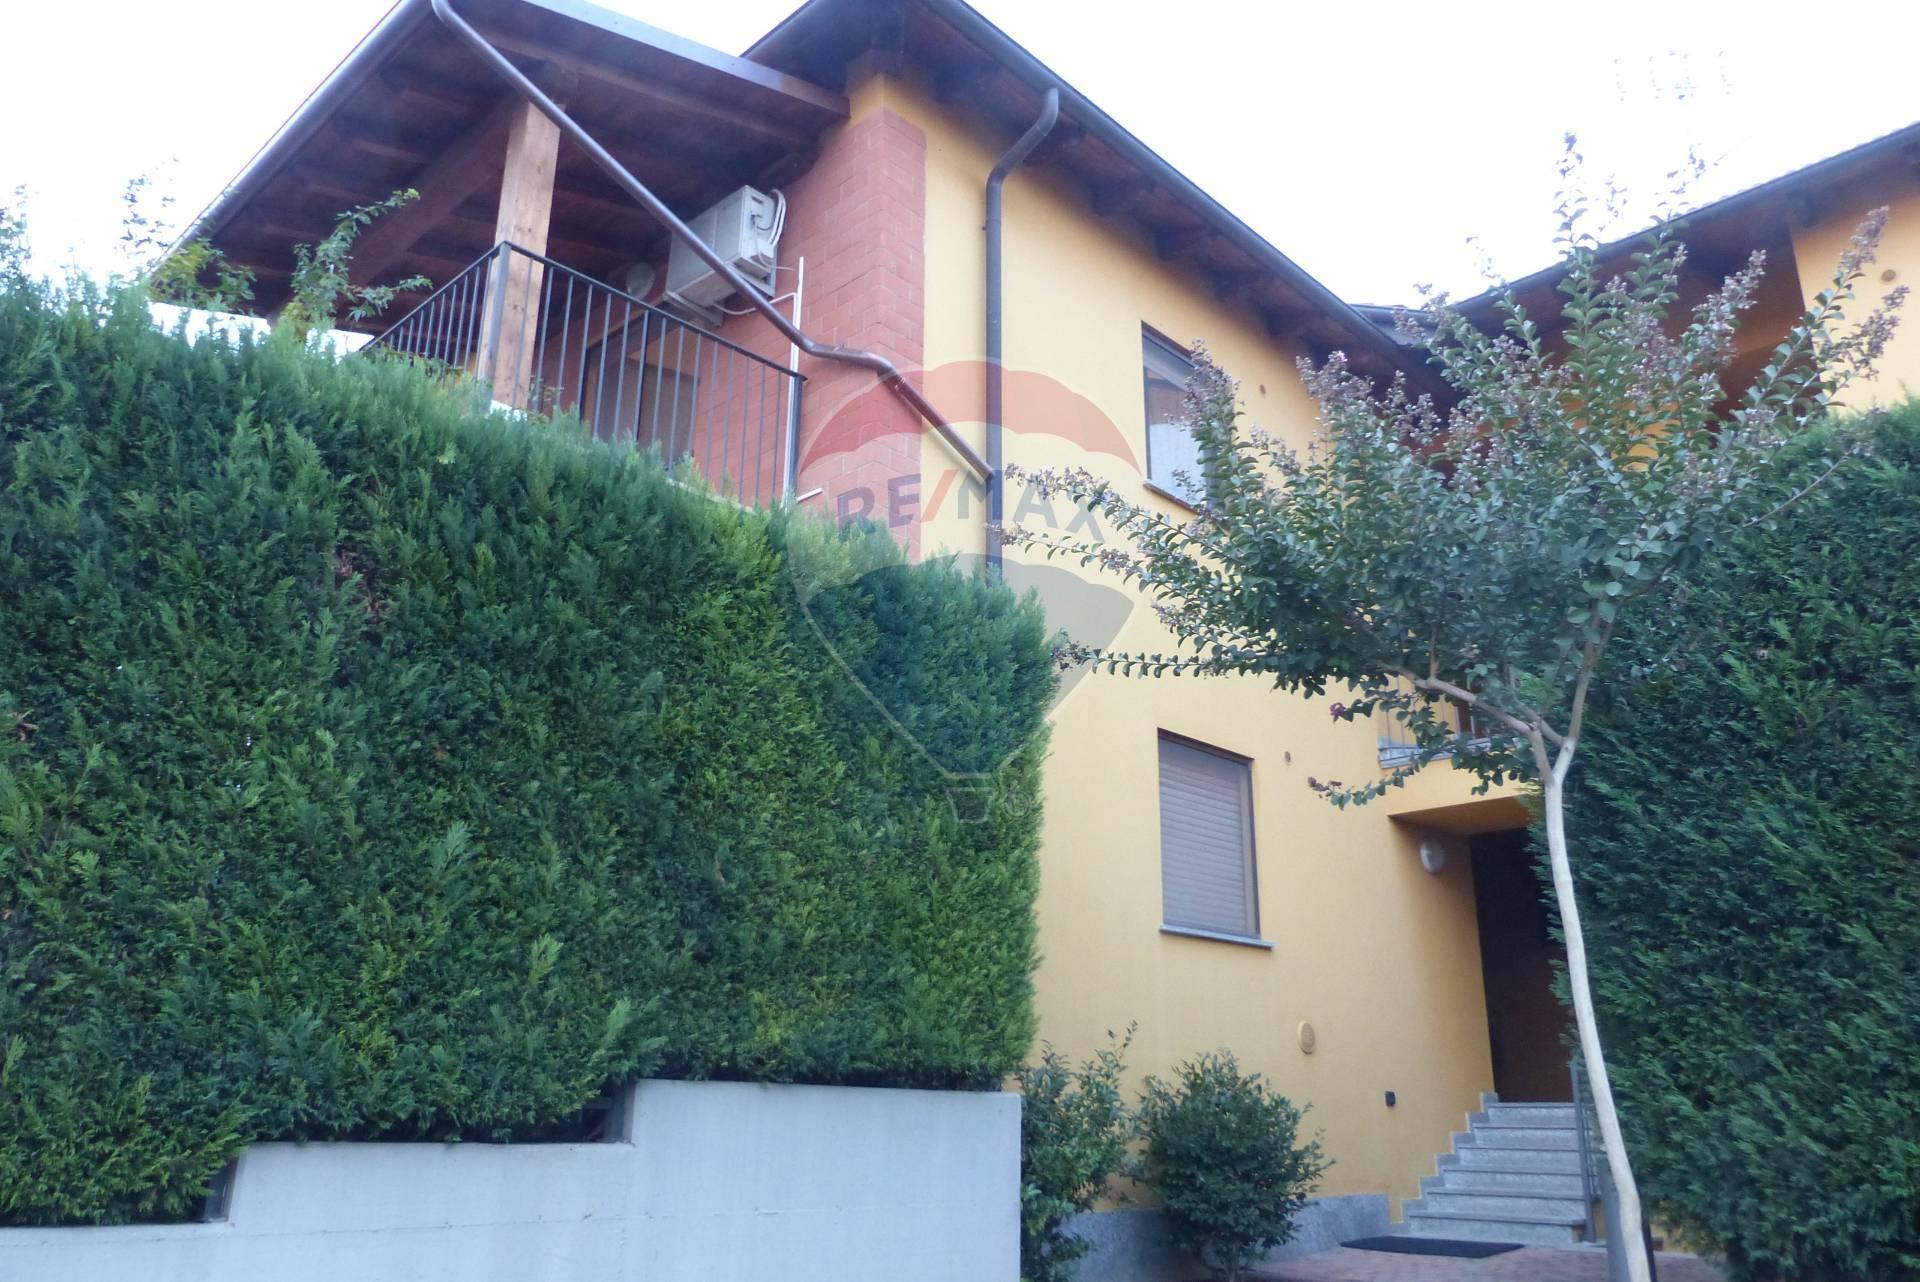 Appartamento in affitto a Vercelli, 2 locali, zona Zona: Periferia, prezzo € 450 | CambioCasa.it